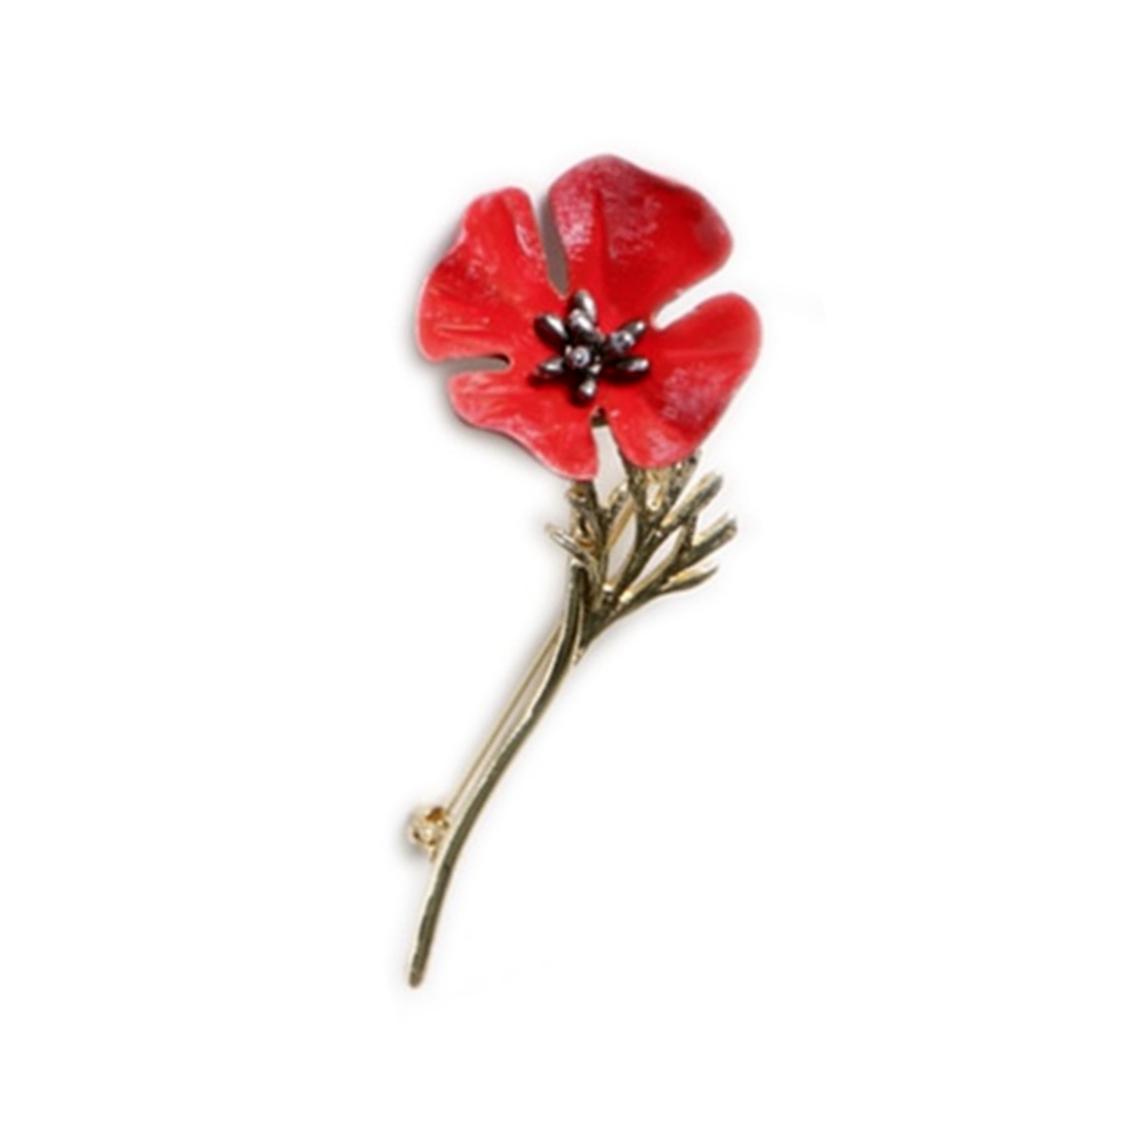 Poppy Floral Brooch